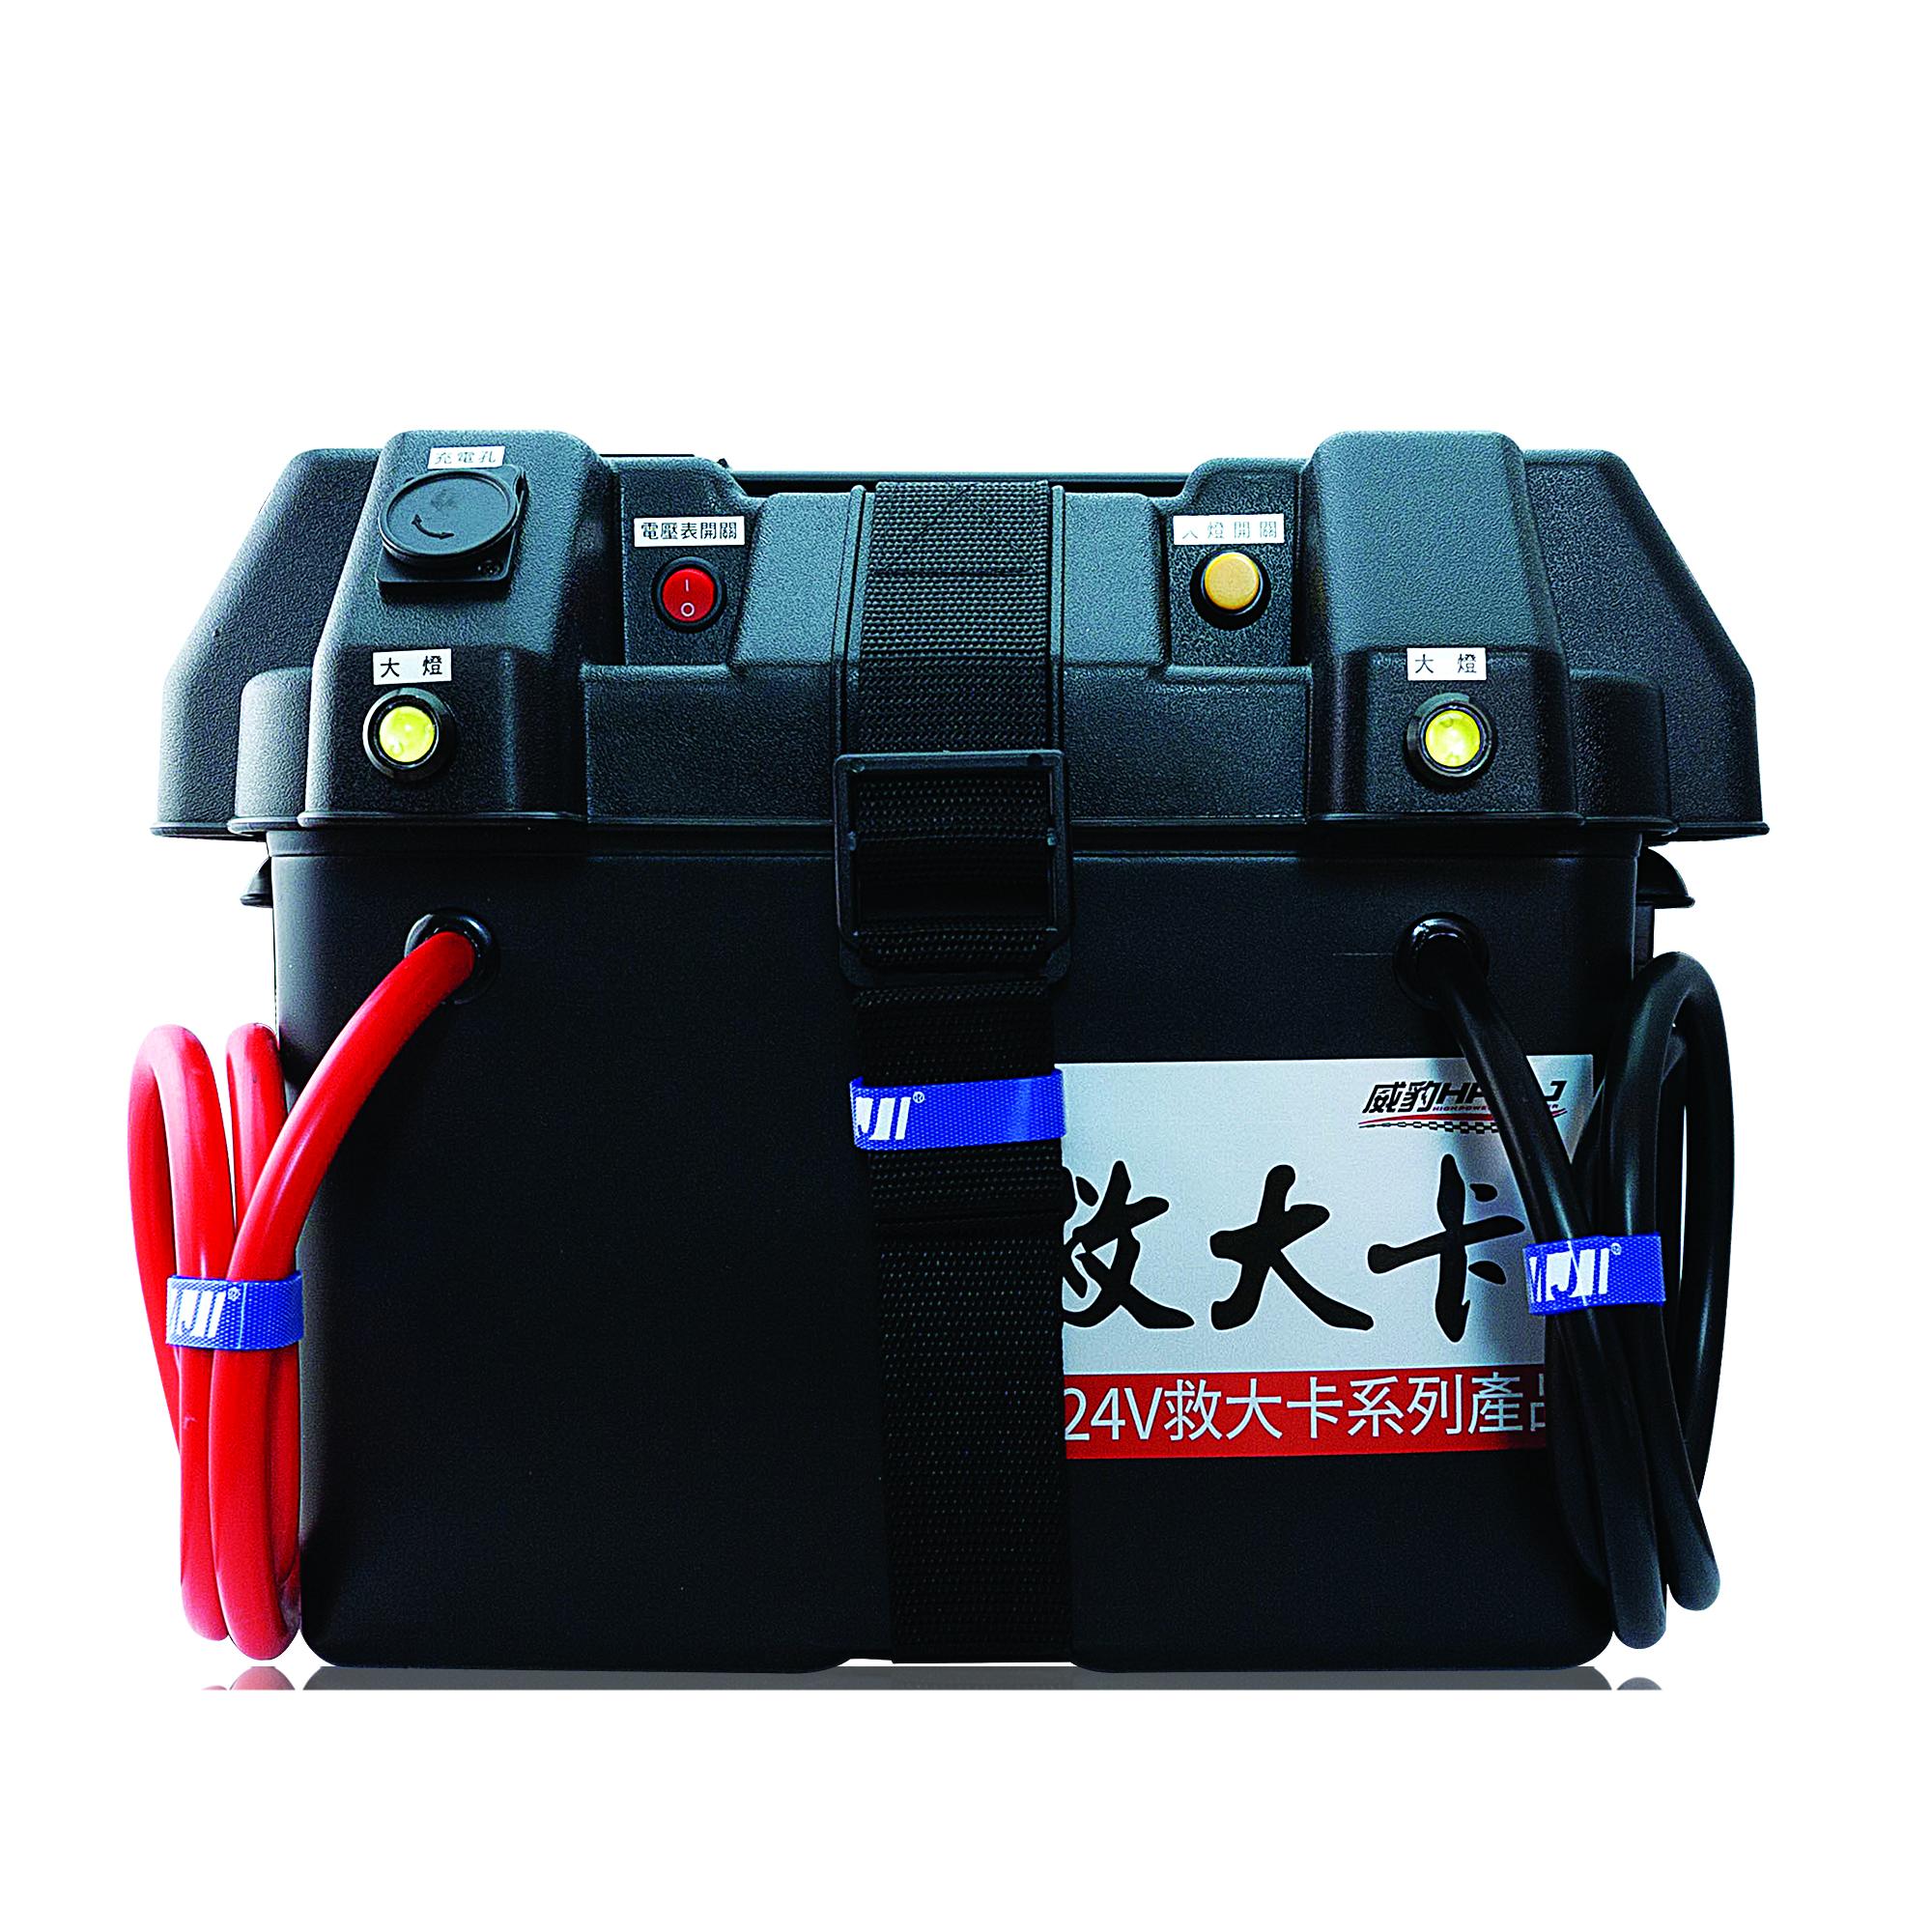 12+24V大型车救援/行动备用电源/汽车救援电源